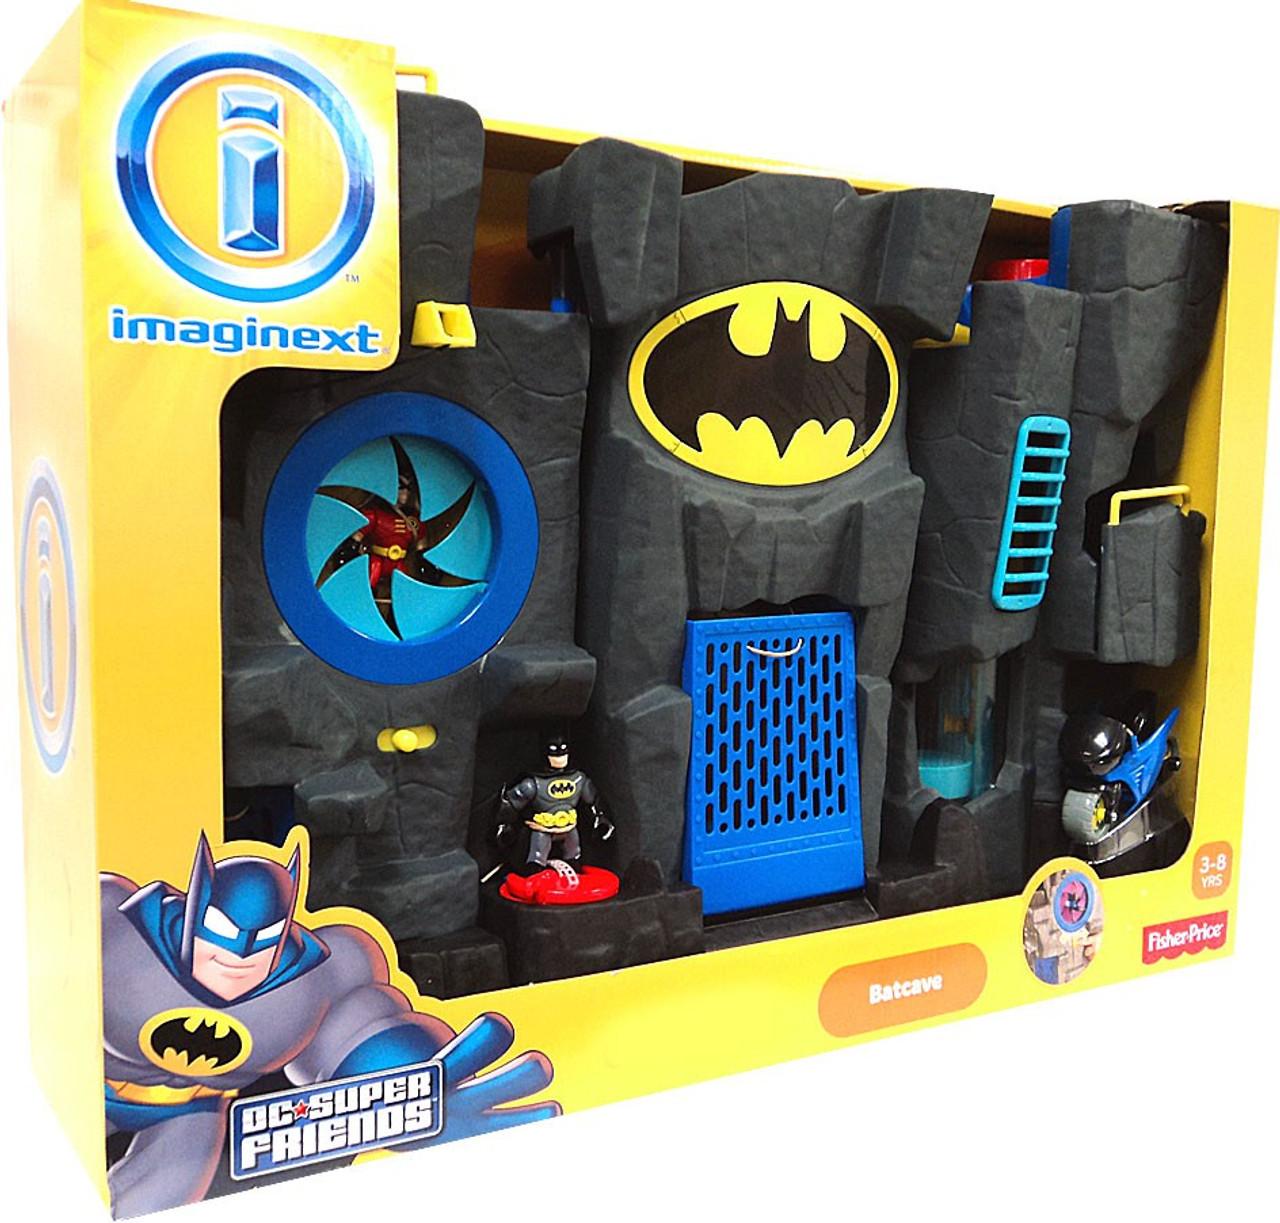 fisher price dc super friends batman imaginext batcave exclusive